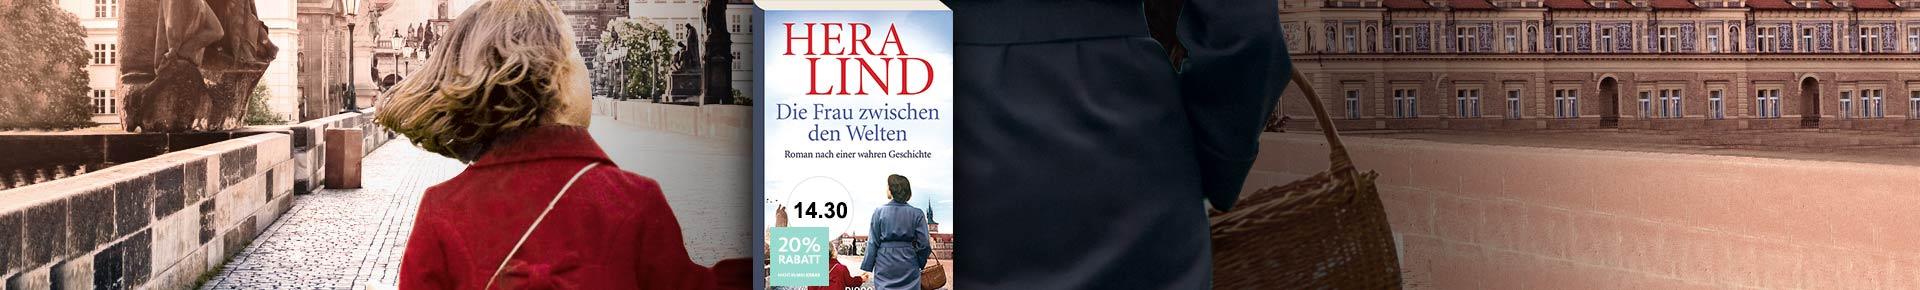 Bestellen Sie «Die Frau zwischen den Welten» von Hera Lind jetzt portofrei.